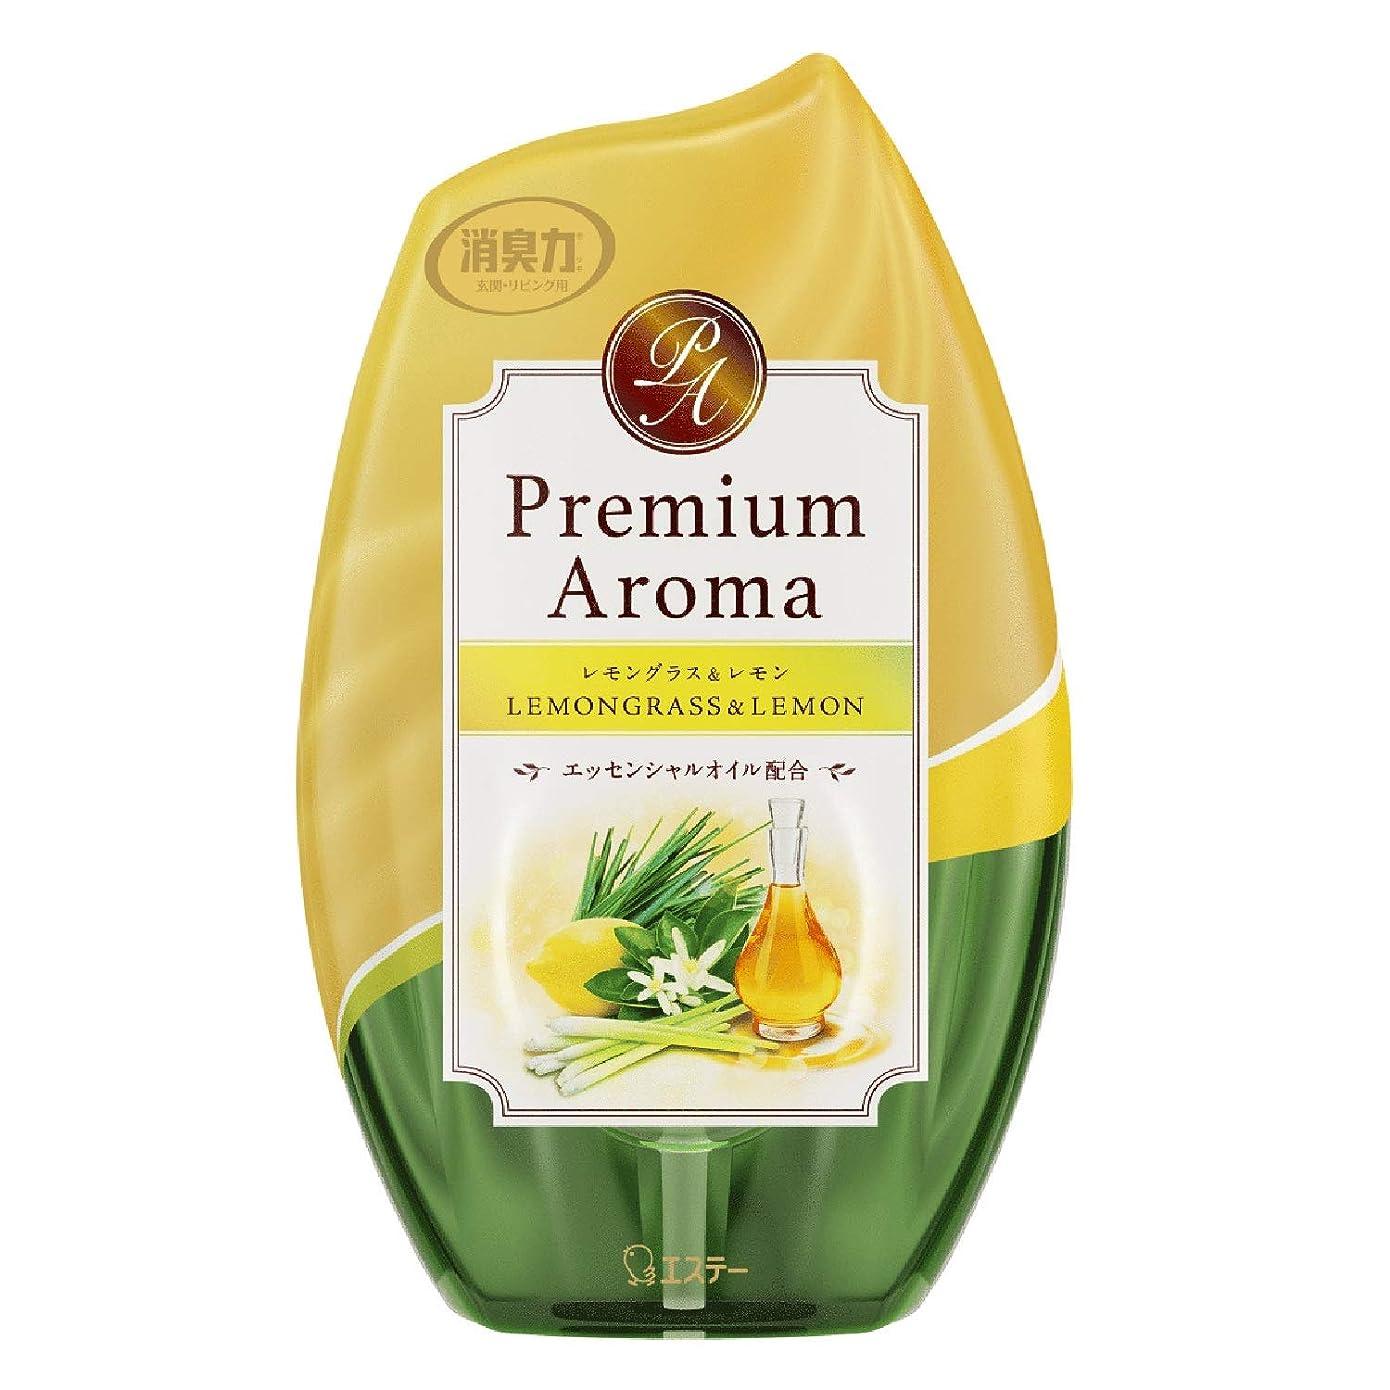 尊厳ふさわしいくさびお部屋の消臭力 Premium Aroma プレミアムアロマ 消臭芳香剤 玄関?部屋用 レモングラス&レモン 400mL